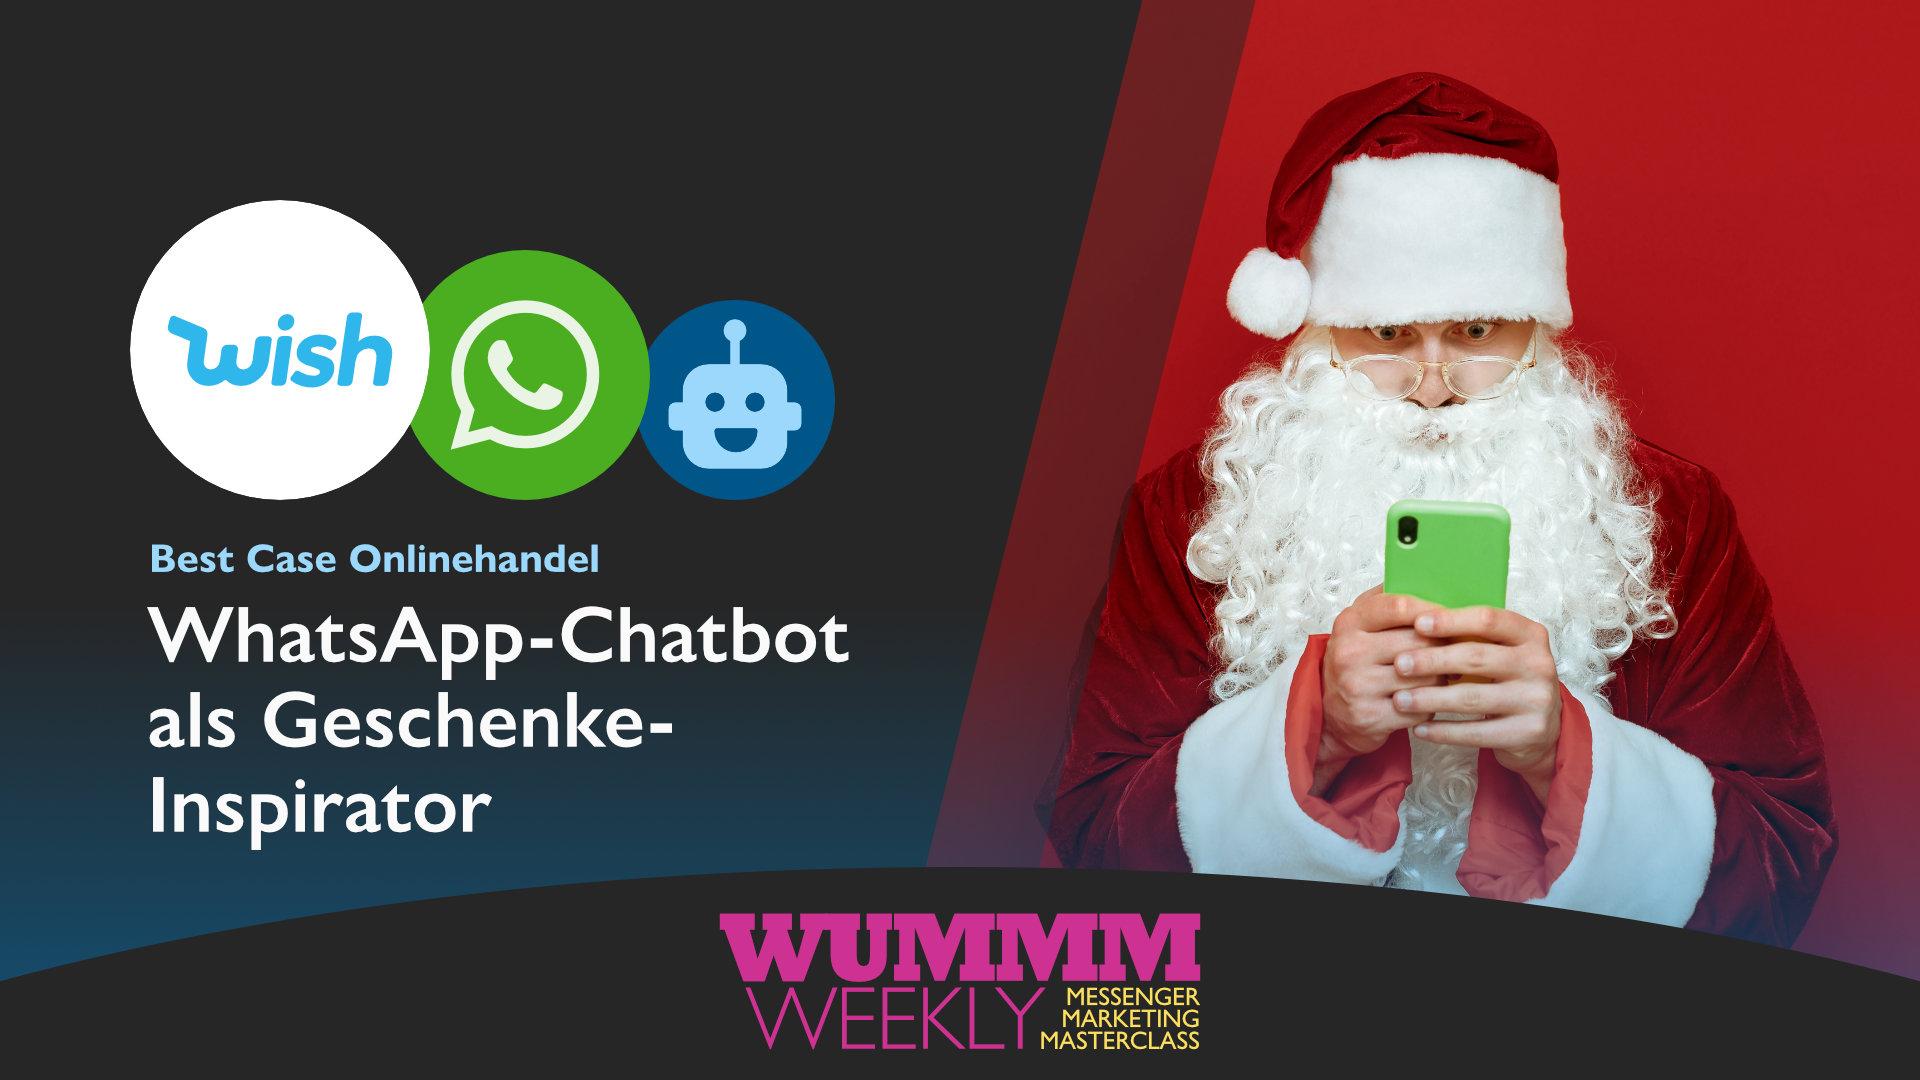 Wummm-weekly, Logo wish, Logo WhatsApp, Best Case Onlinehandel - WhatsApp Chatbot als Geschenke Inspirator